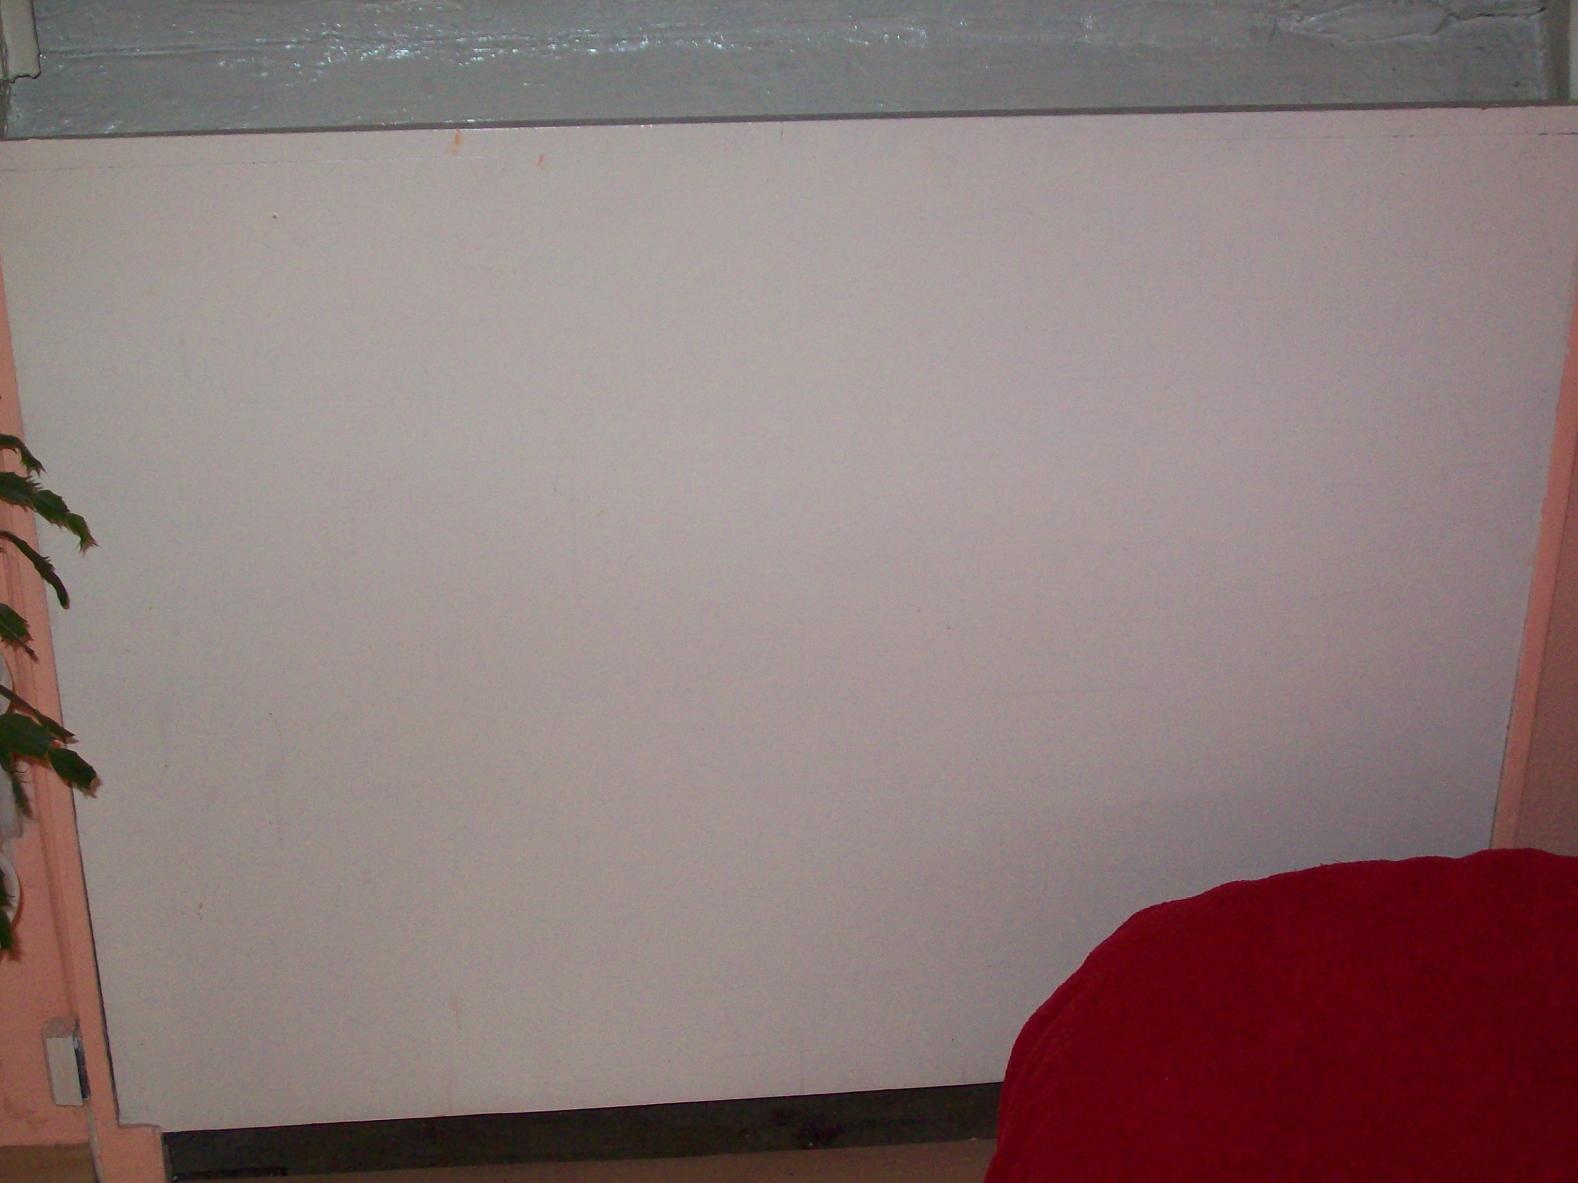 Heizkörper Zum Sitzen heizkrper zum sitzen nach oben stck transparent